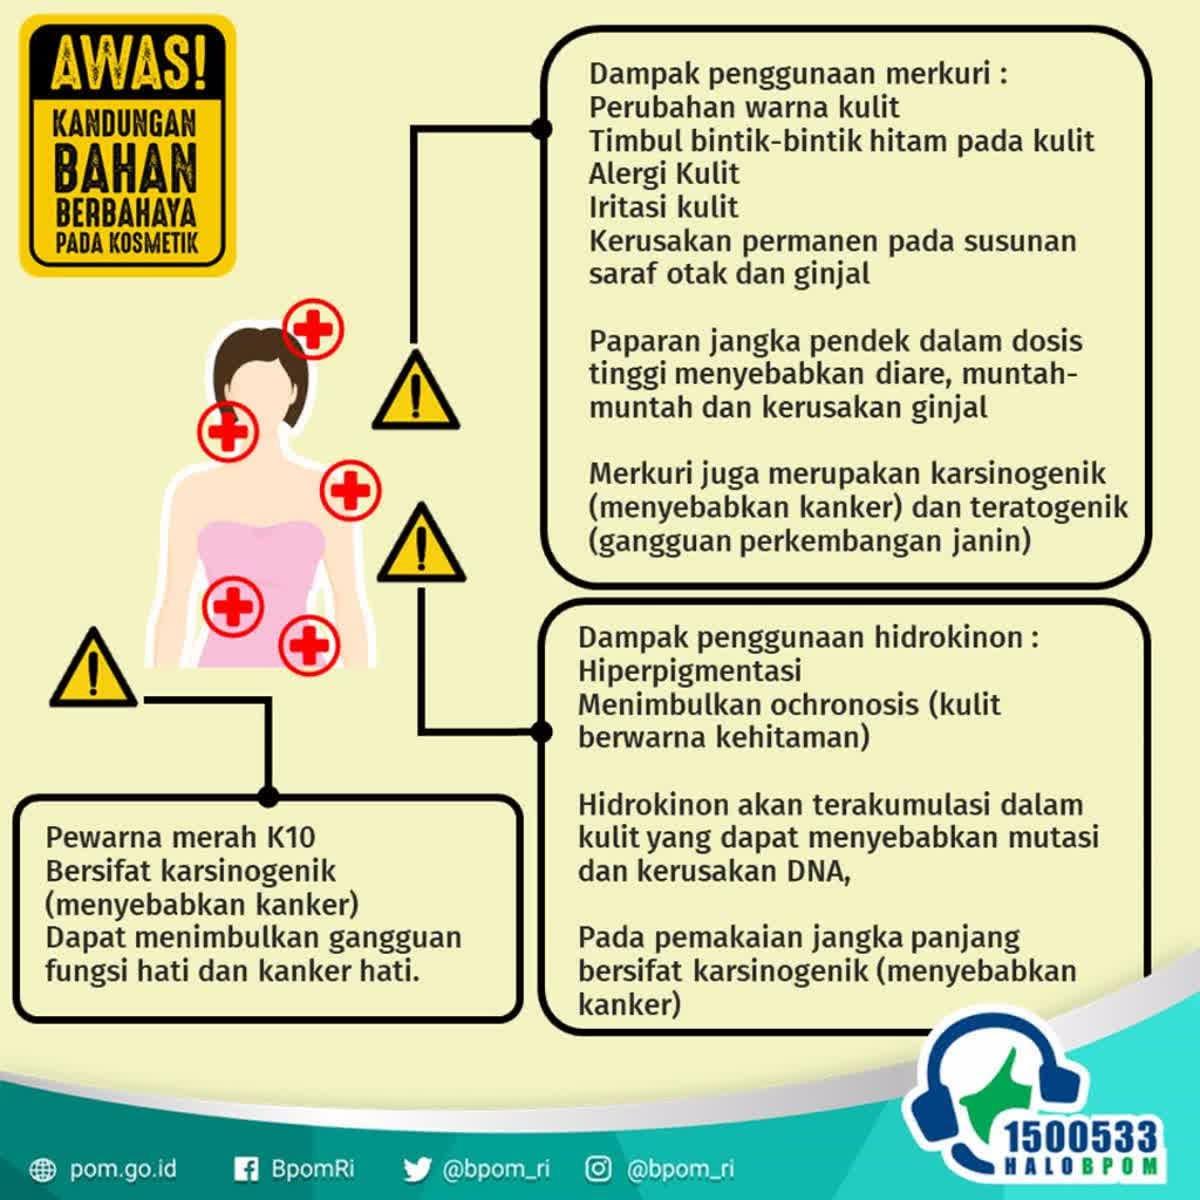 Jenis-jenis Kandungan Bahan Berbahaya pada Kosmetik dan Dampak Pada Tubuh